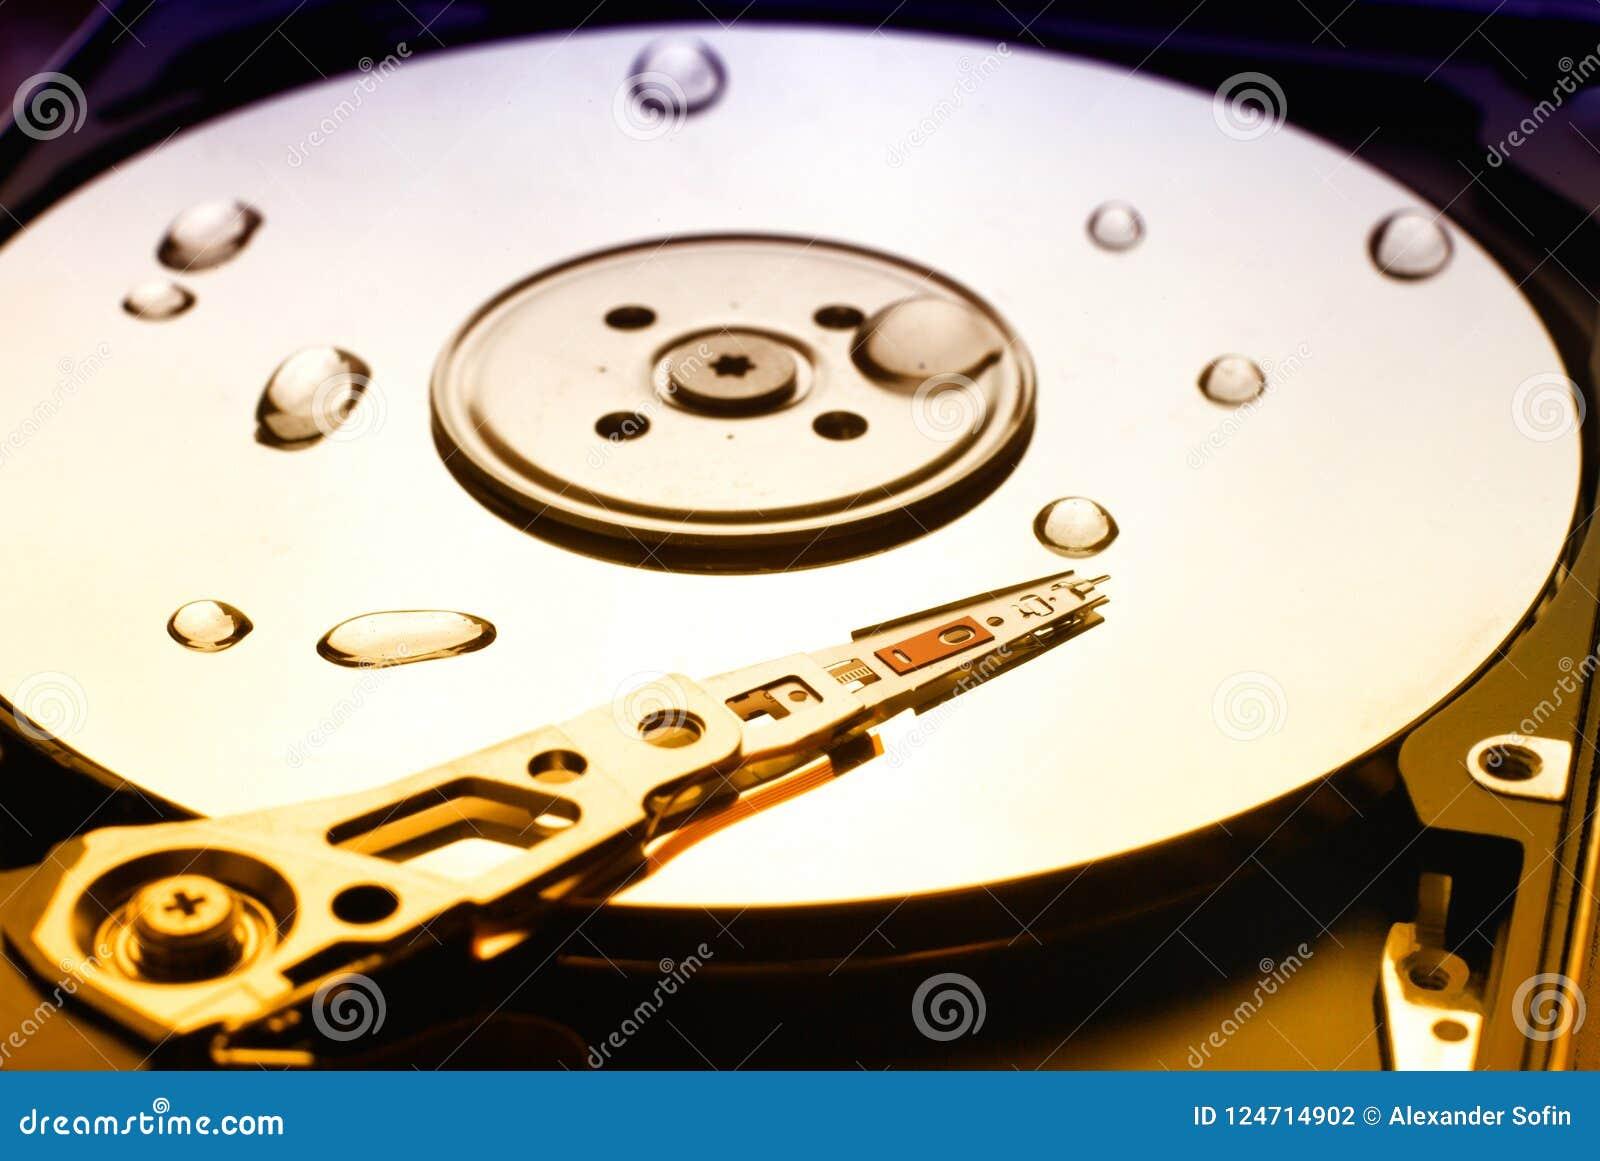 计算机硬盘用读头和水下降对此